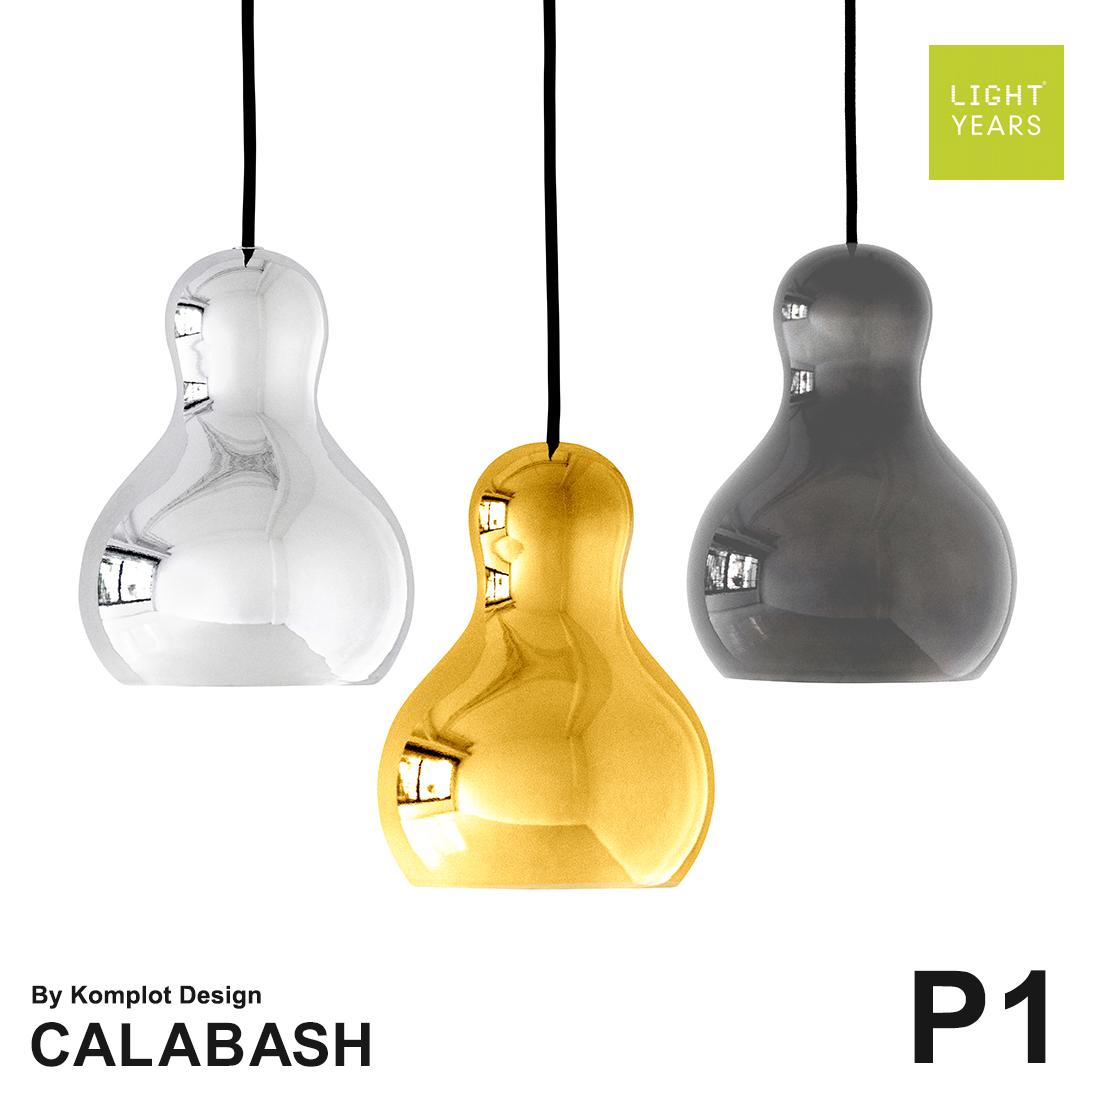 【LIGHTYEARS/ライトイヤーズ】CALABASH P1 ペンダントライト カラバッシュ ペンダントライト Komplot Design ライト ランプシェード クロームメッキ インテリアライト 照明 ダイニング デンマーク